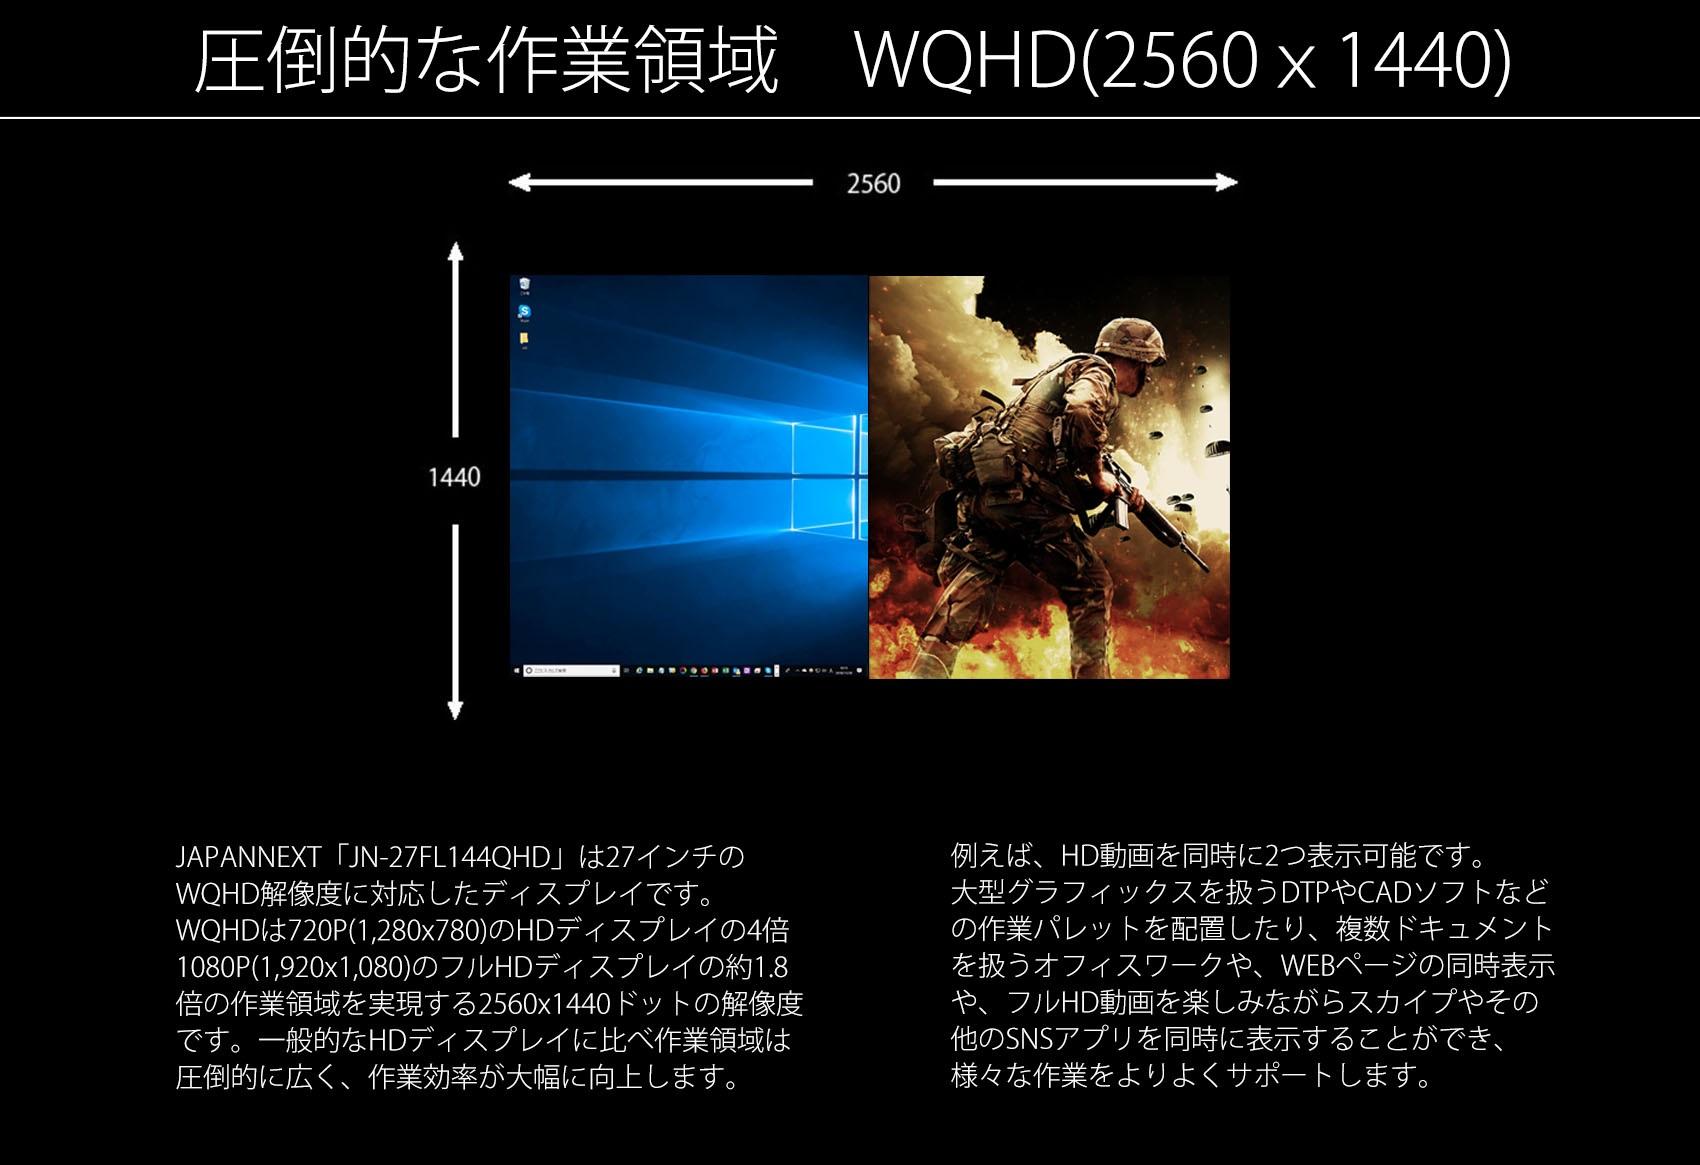 JAPANNEXT「JN-27FL144QHD」は27インチの」 WQHD解像度に対応したディスプレイです。 WQHDは720P(1,280×780)のHDディスプレイの4倍 1080P(1,920x1,080)のフルHDディスプレイの約1.8 倍の作業領域を実現する2560x1440ドットの解像度 です。一般的なHDディスプレイに比べ作業領域は、 圧倒的に広く、作業効率が大幅に向上します。 例えば、HD動画を同時に2つ表示可能です。 大型グラフィックスを扱うDTPやCADソフトなど、 の作業パレットを配置したり、複数ドキュメント を扱うオフィスワークや、WEBページの同時表示 や、フルHD動画を楽しみながらスカイプやその、 他のSNSアプリを同時に表示することができ、 様々な作業をよりよくサポートします。